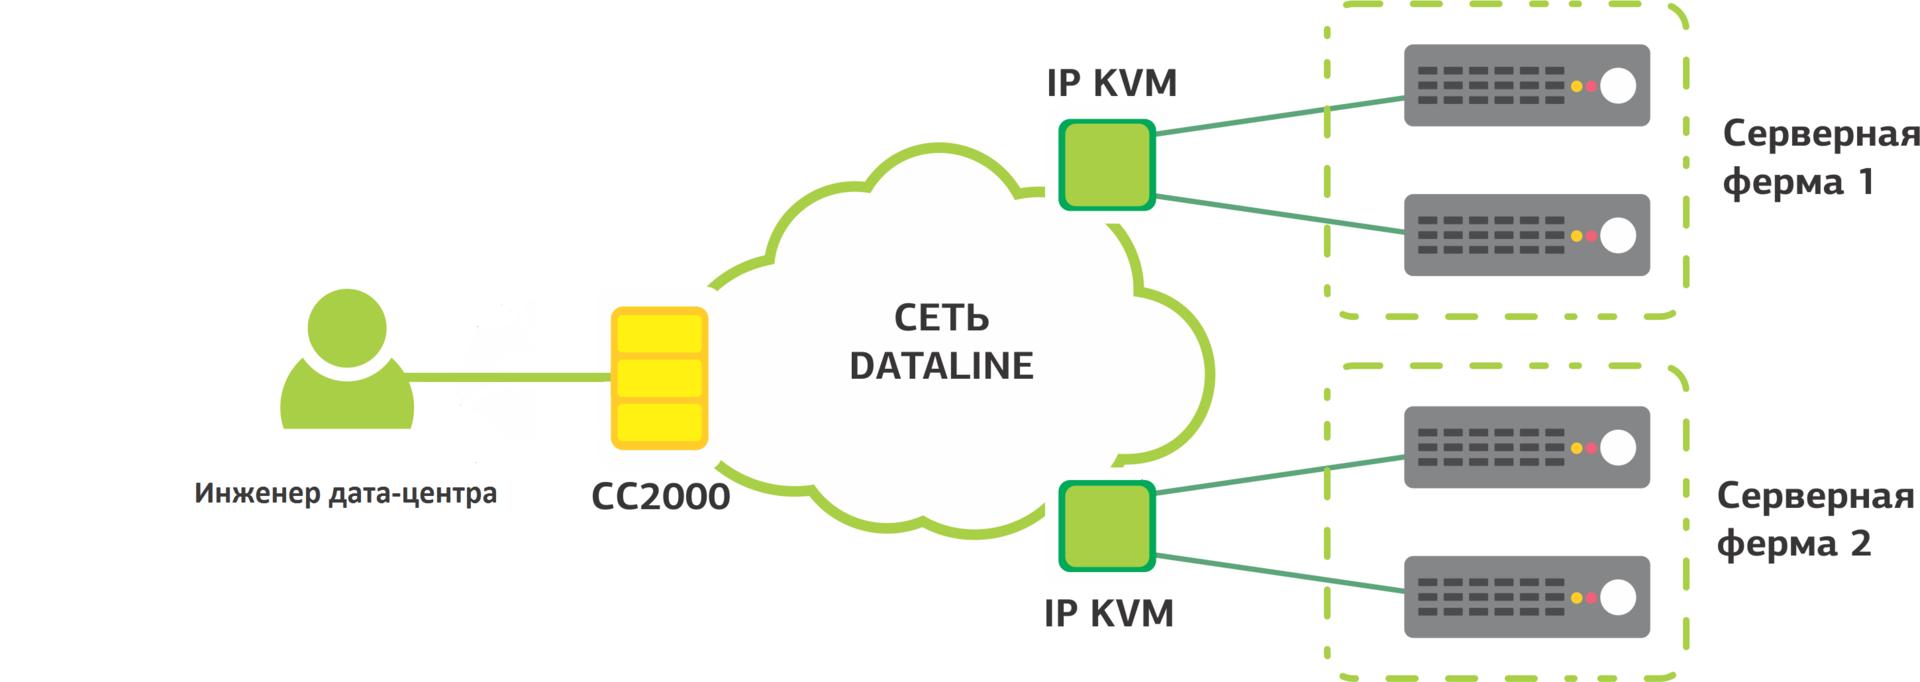 Полезные мелочи в дата-центре: Wi-Fi IP KVM - 12